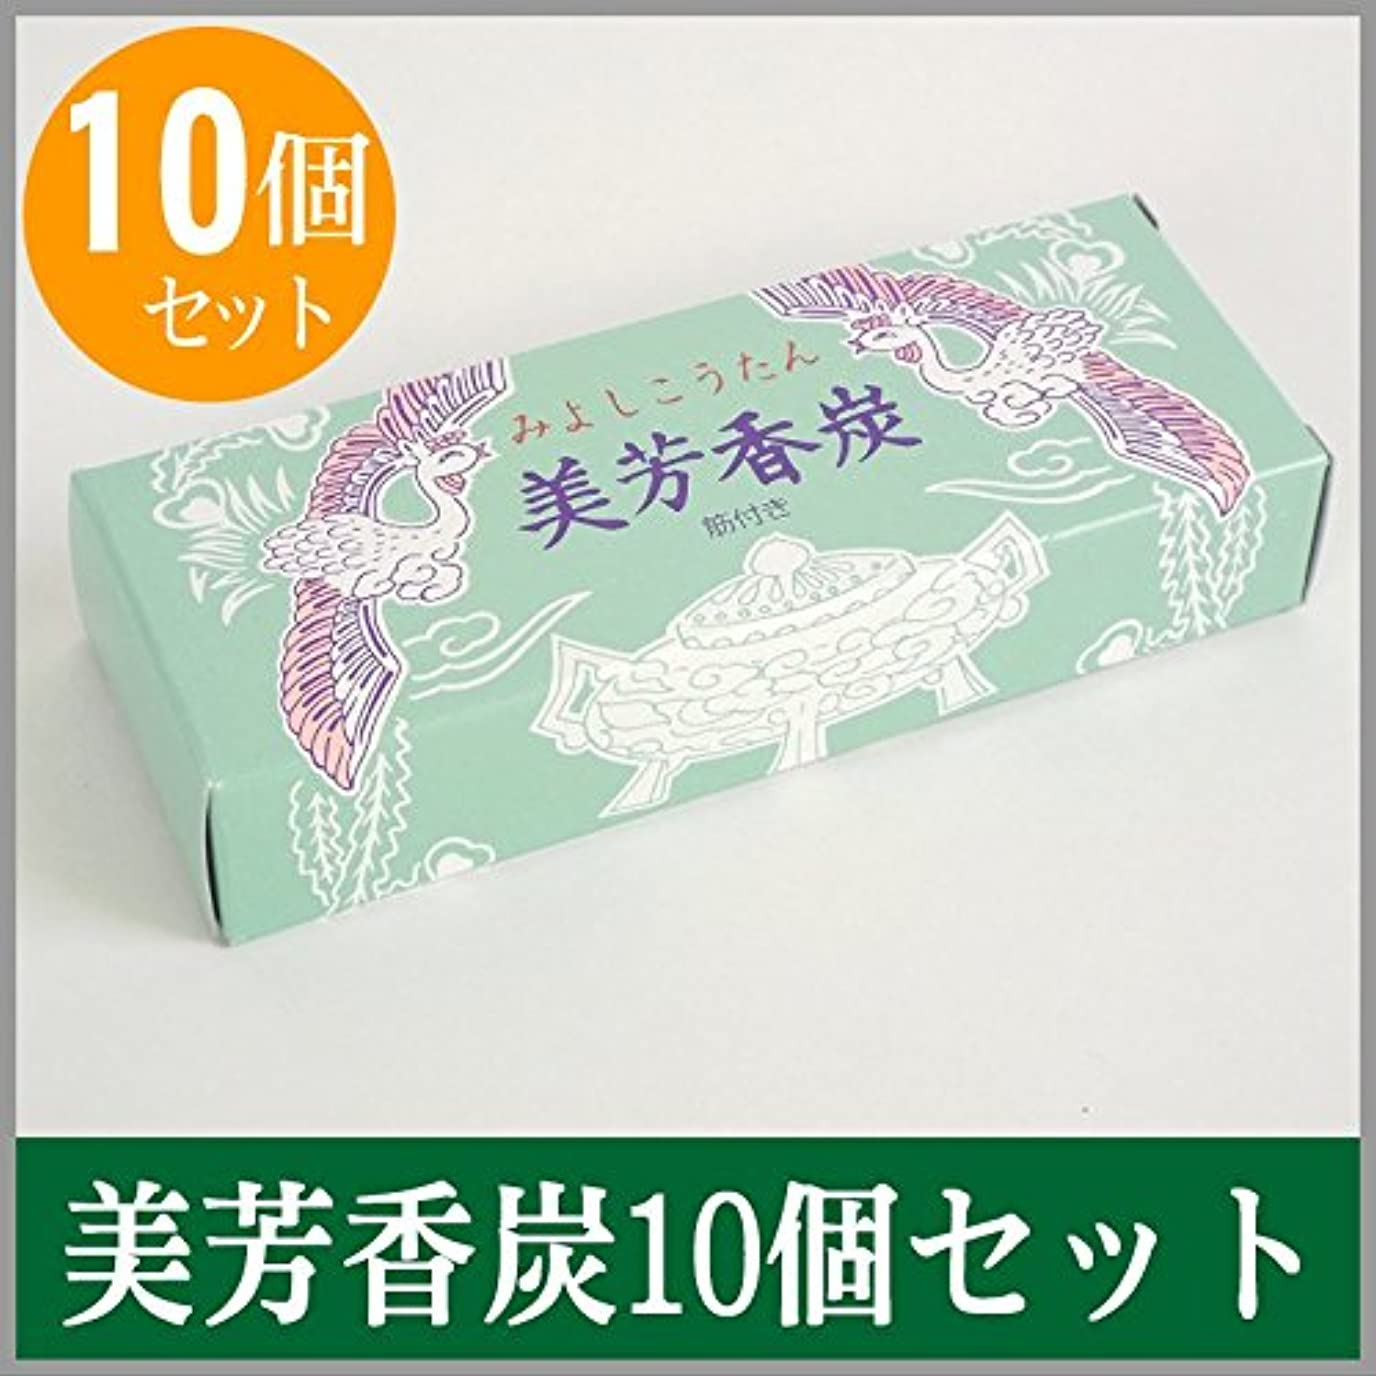 アクチュエータケープファンシー美芳香炭(みよしこうたん) 10個セット